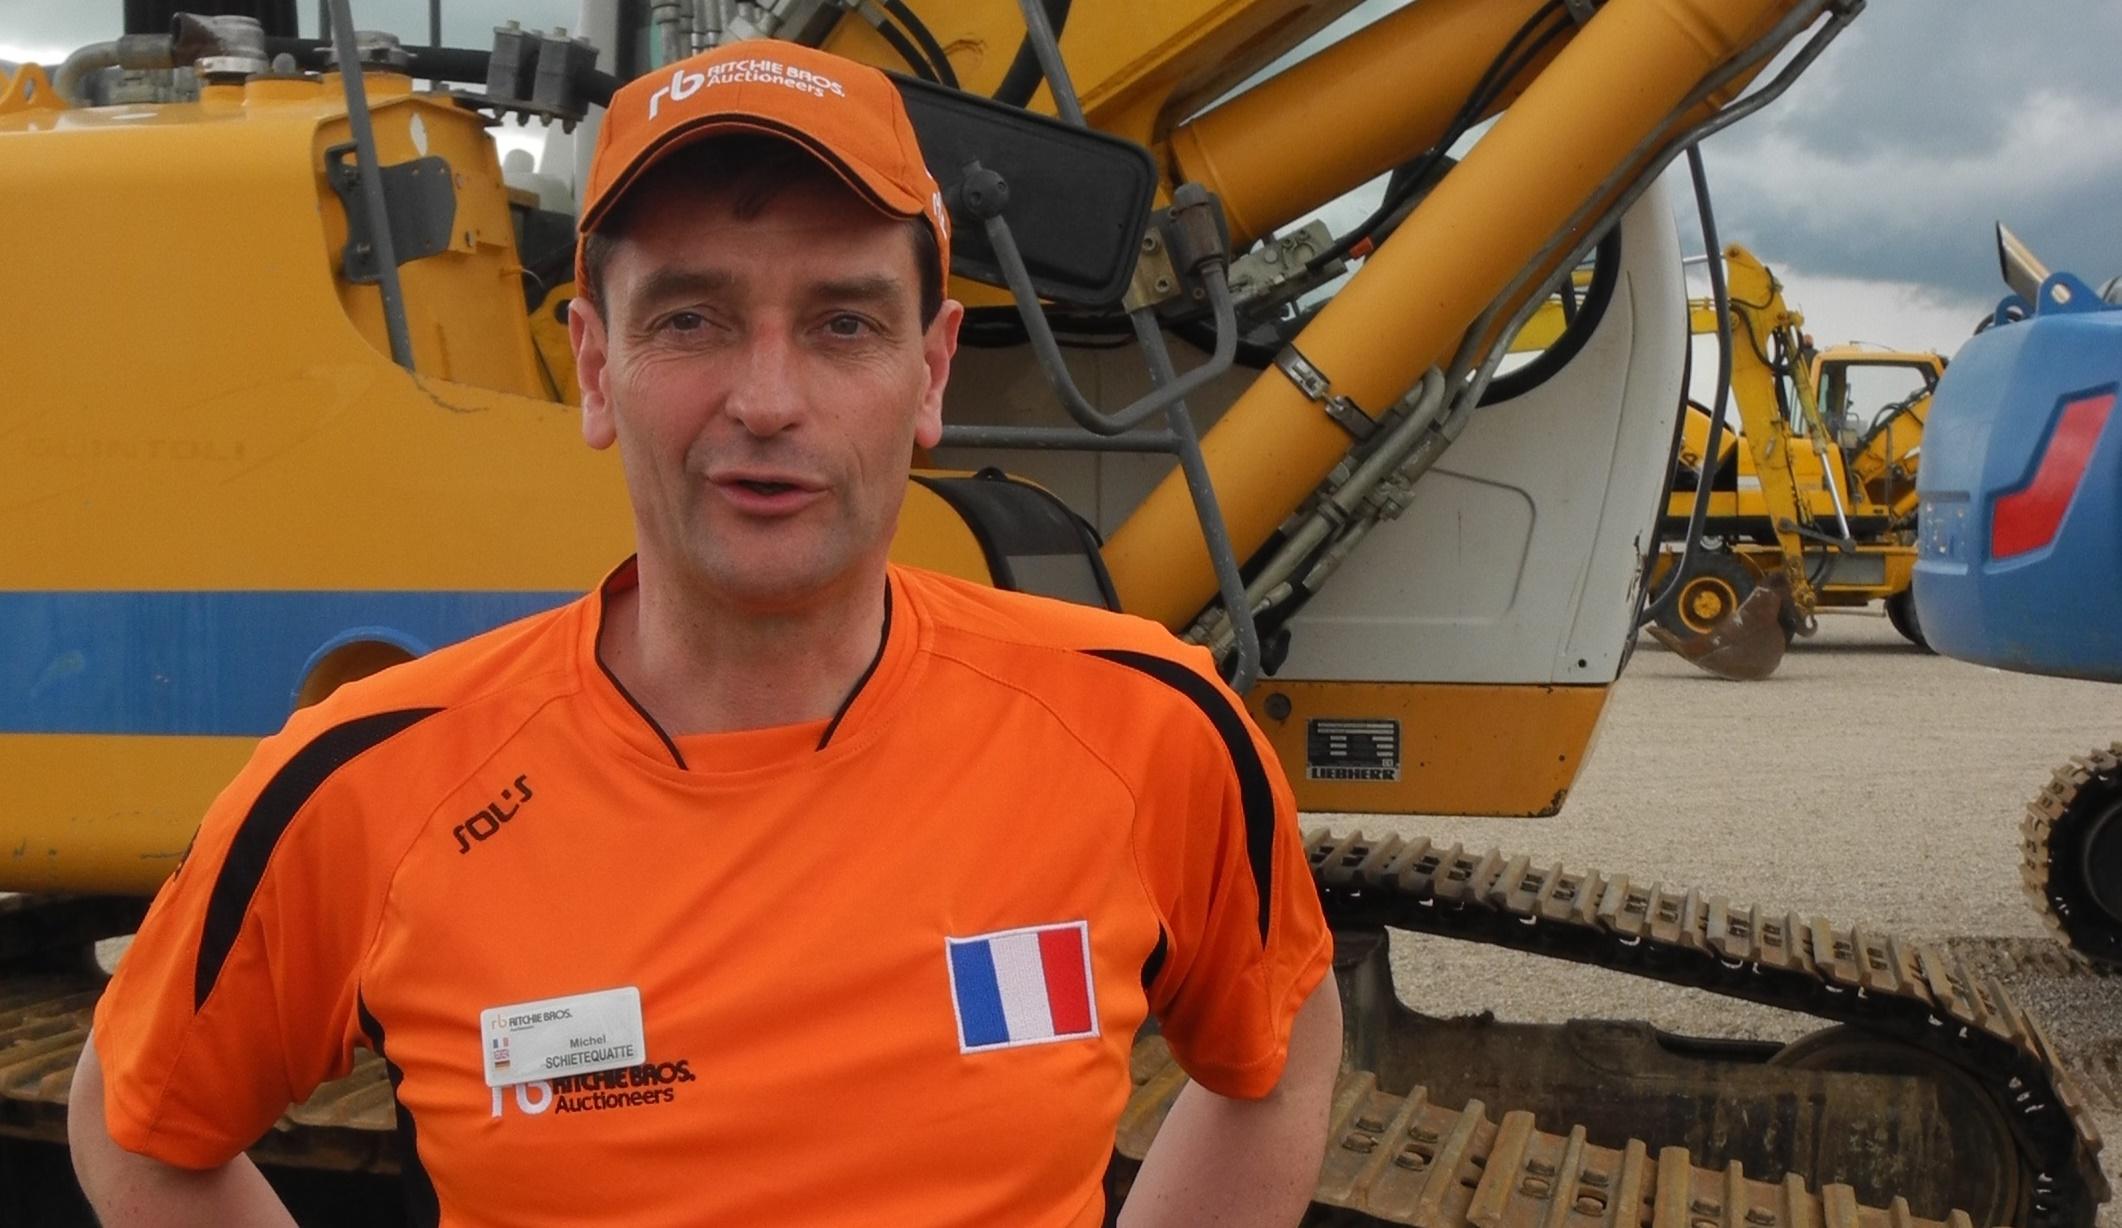 Michel Schietequatte : « Nous voulons développer notre clientèle d'acheteurs utilisateurs finaux. Nous leurs offrons de s'équiper en matériels opérationnels ». Photo Michel Roche